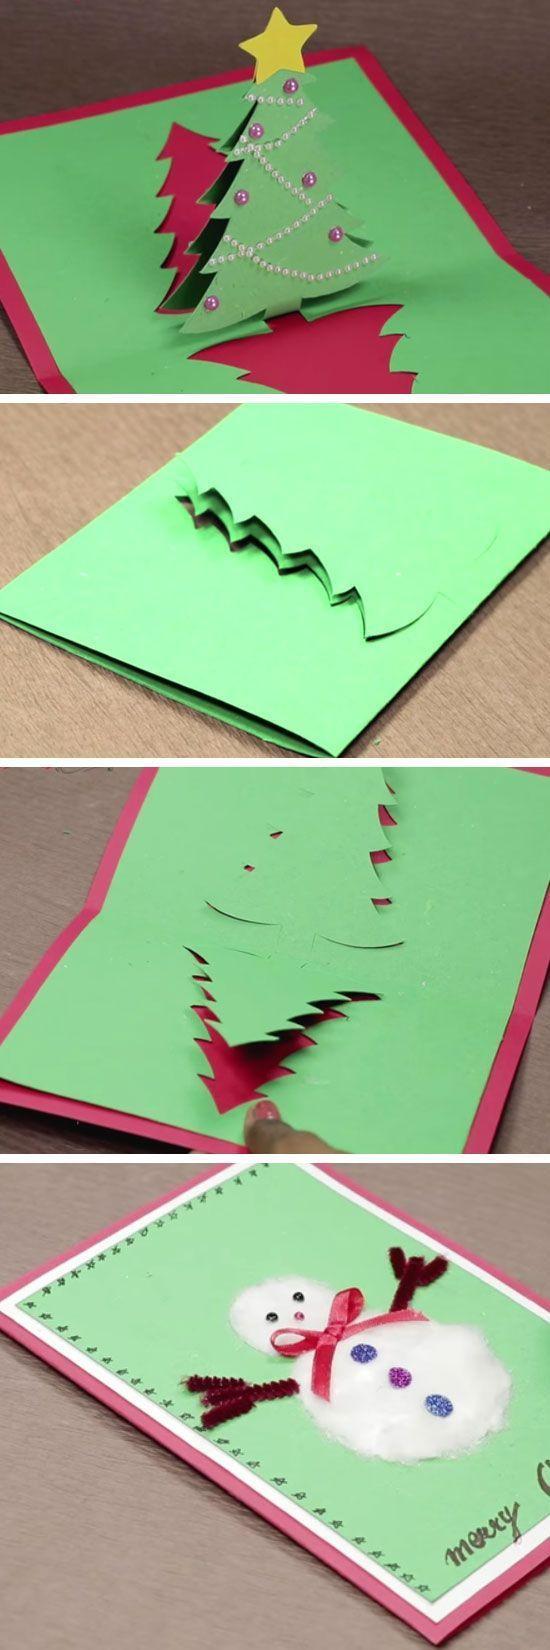 Diy Pop Up Weihnachtskarte Mit Baum Und Schneemann Weihnacht